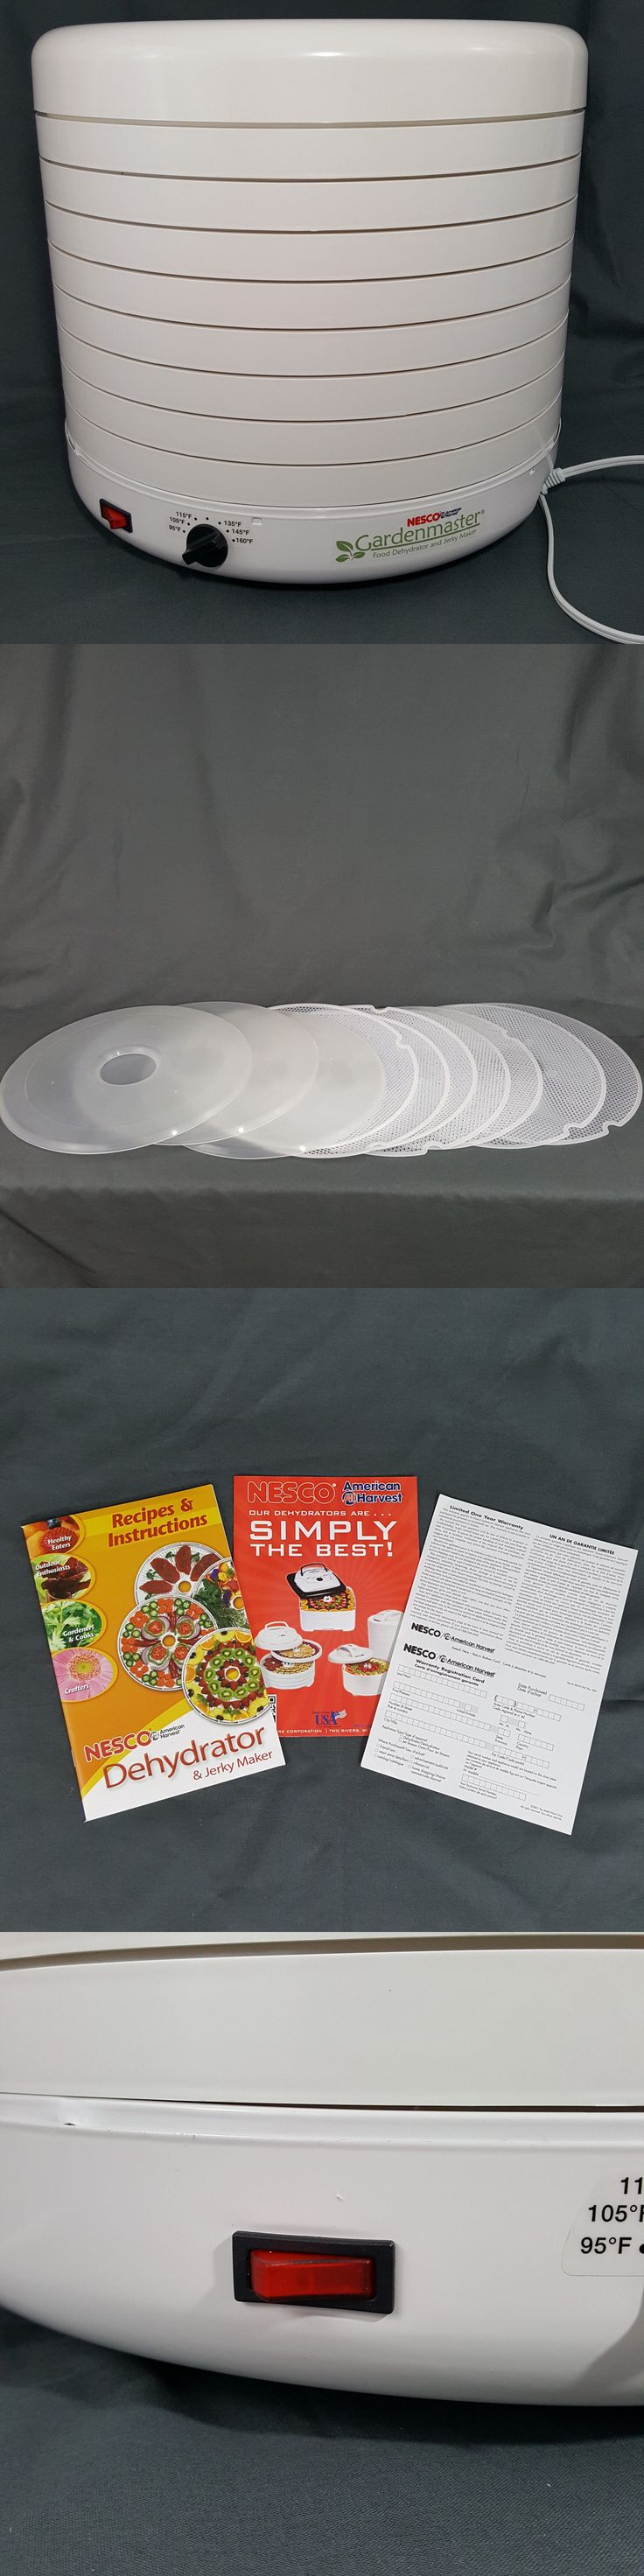 Food Dehydrators 32883: Nesco Fd-1010 Gardenmaster Food Dehydrator 8 Trays 1000-Watt 2400 Rpm Fan New! -> BUY IT NOW ONLY: $139.99 on eBay!